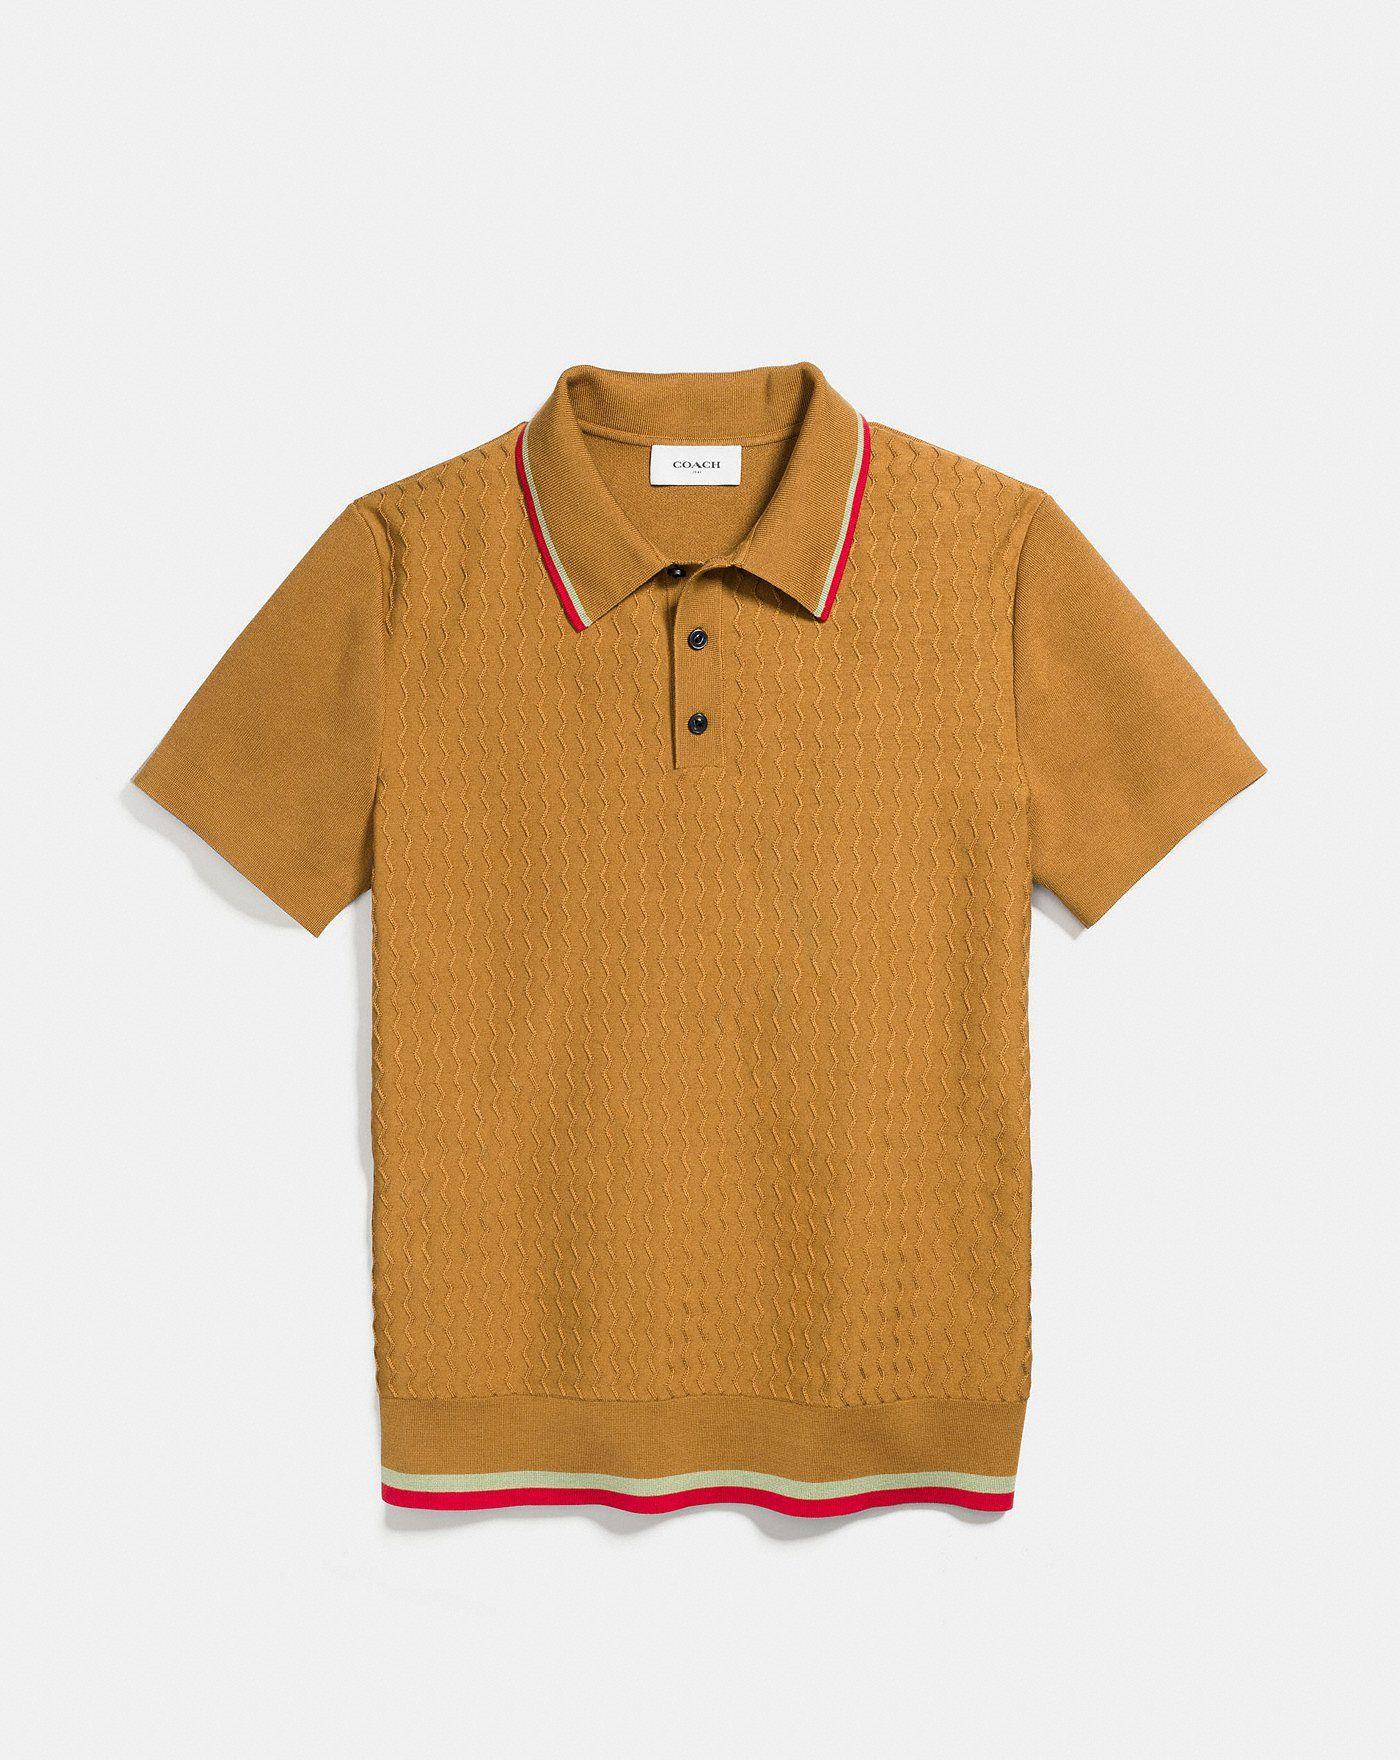 COACH  Polo Polo 684a71ded68